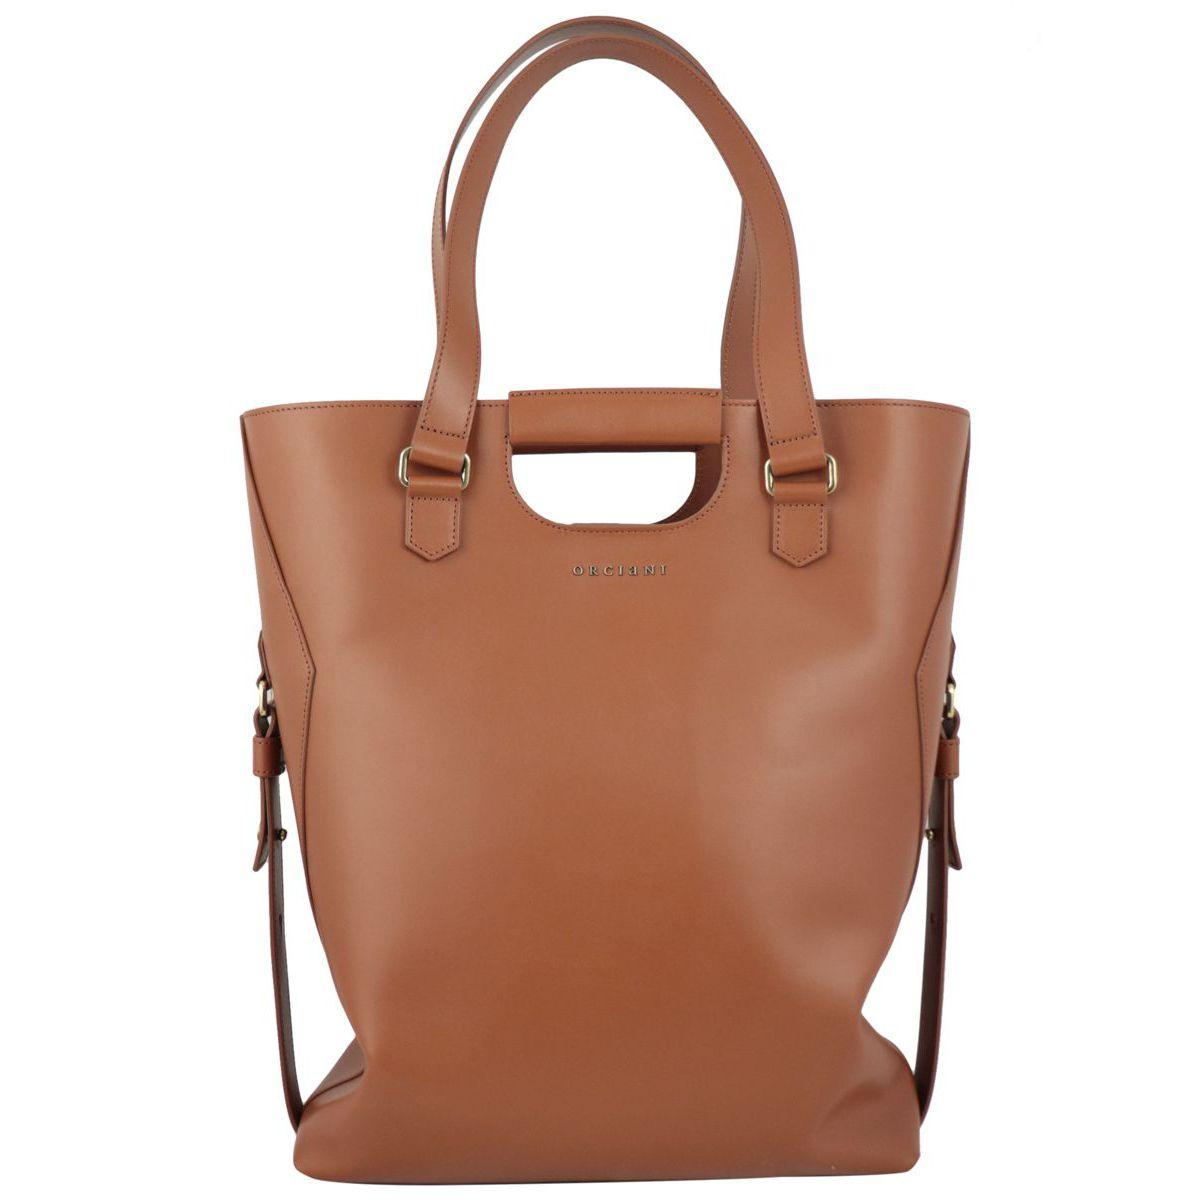 ISOTTA bag in Piuma leather Leather Orciani